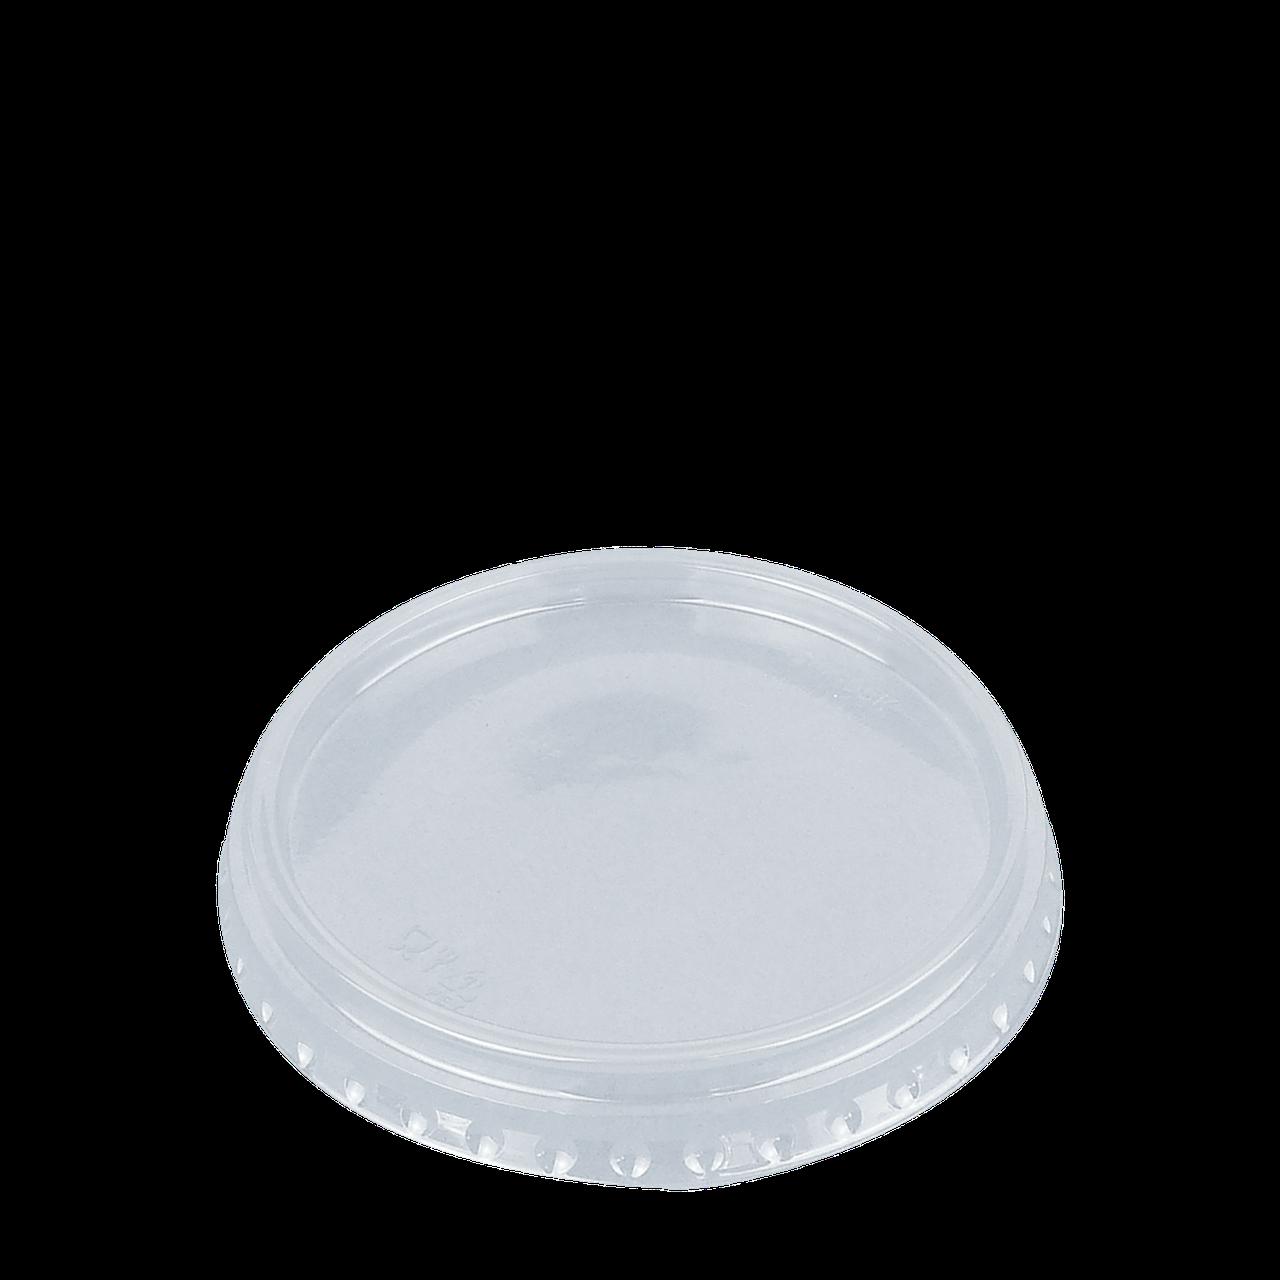 Крышка к контейнеру 95-КП (плоская без отверстия)(1уп/50 шт)